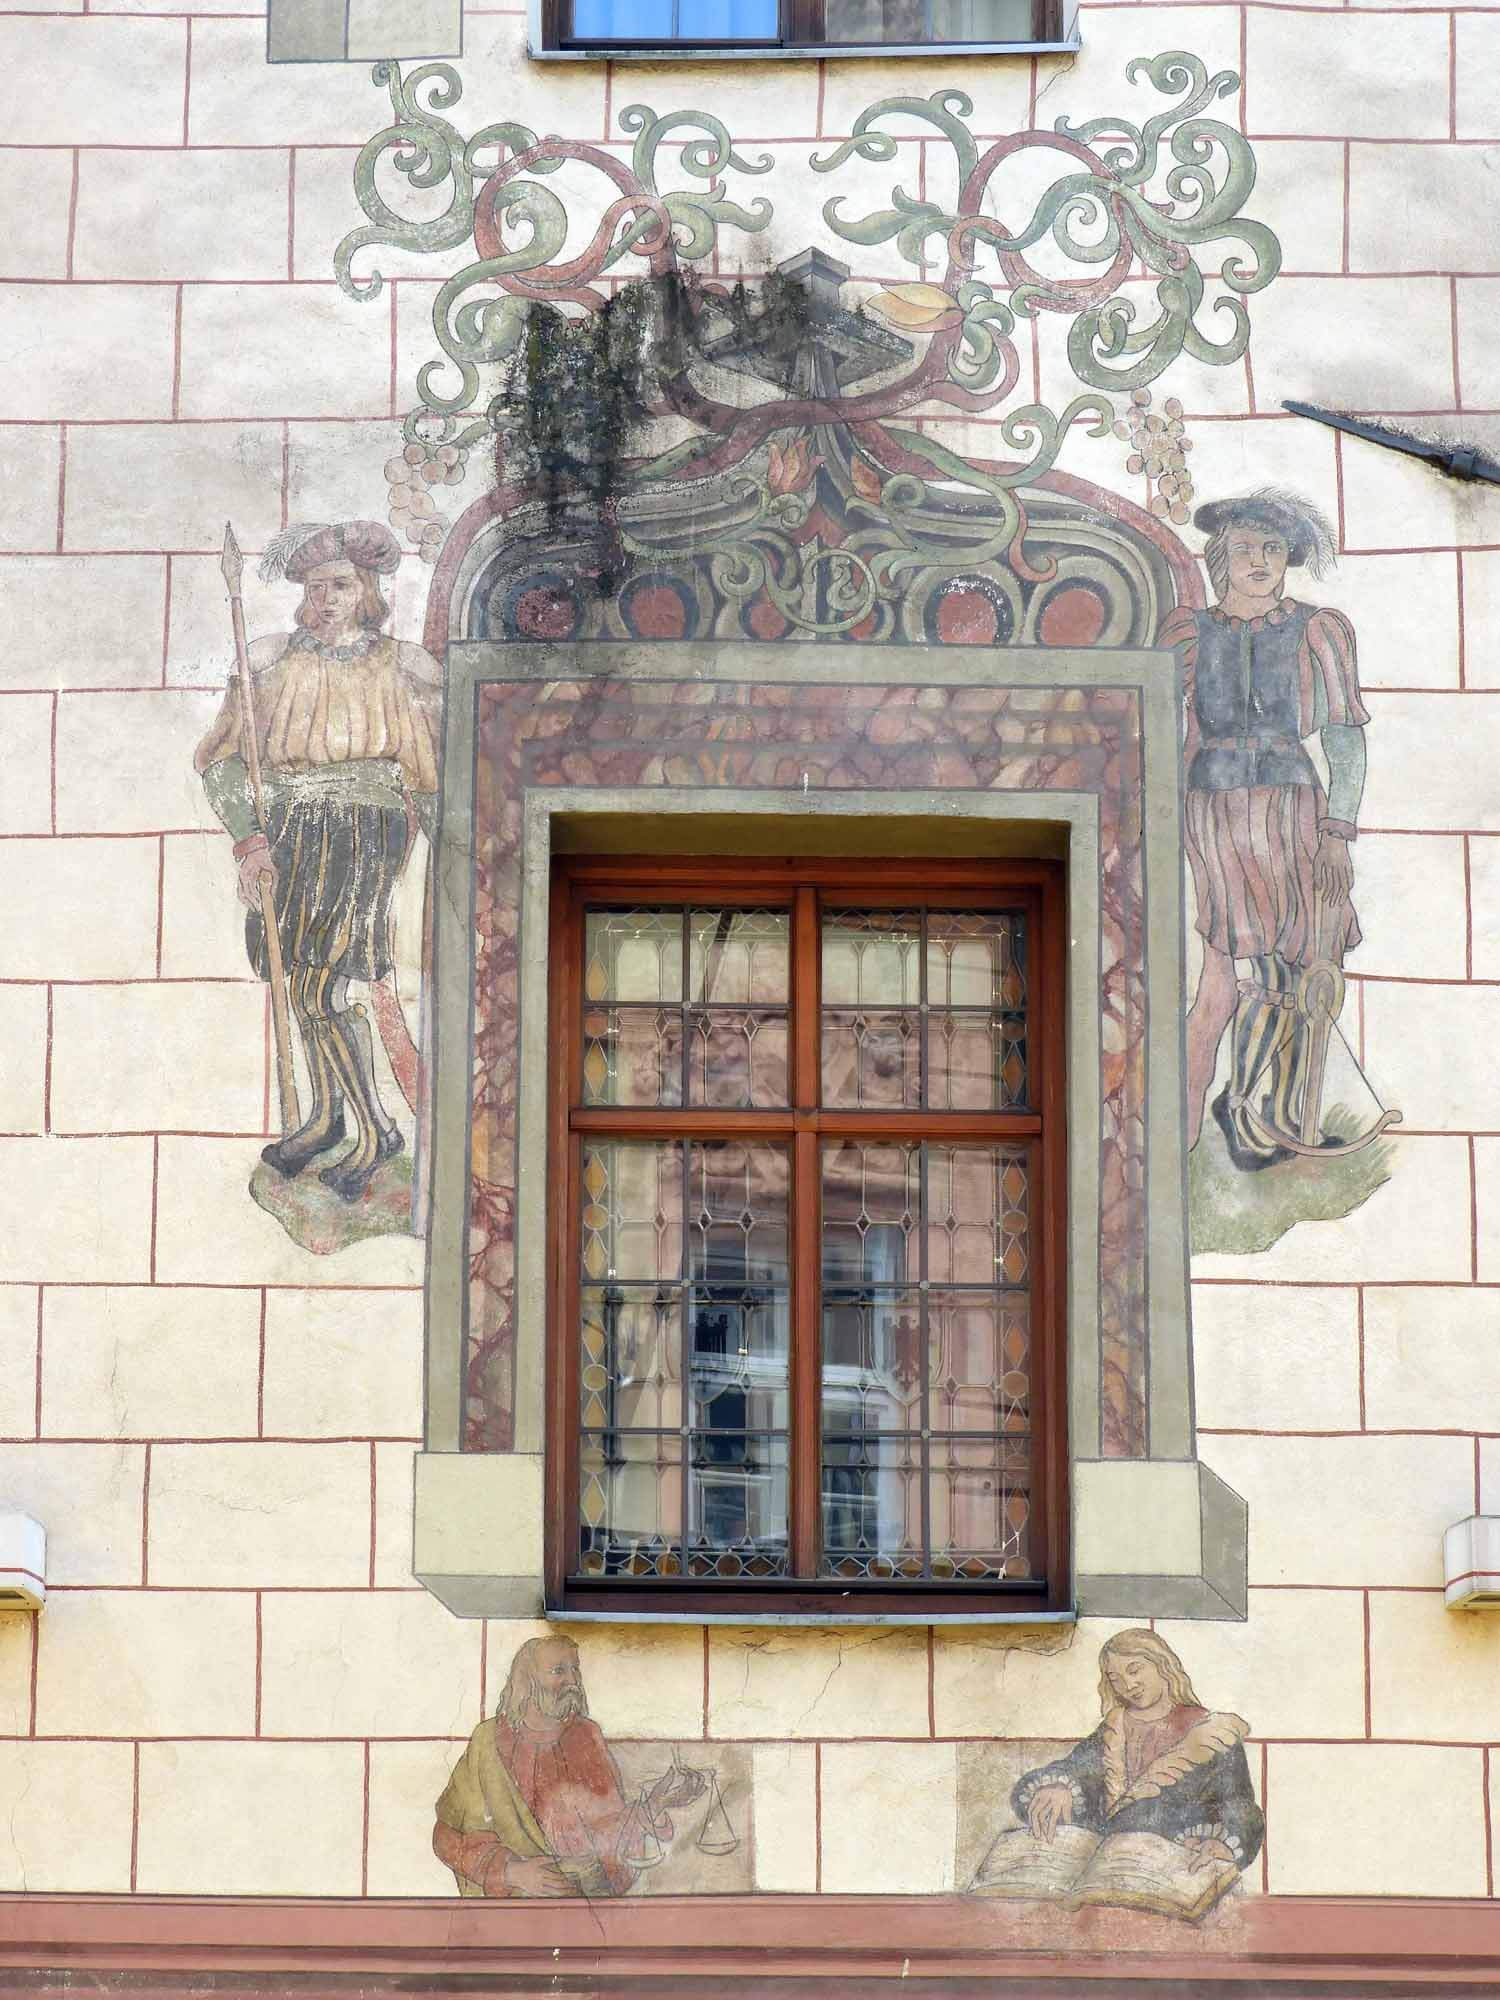 austria-innsbruck-window-paintings.JPG